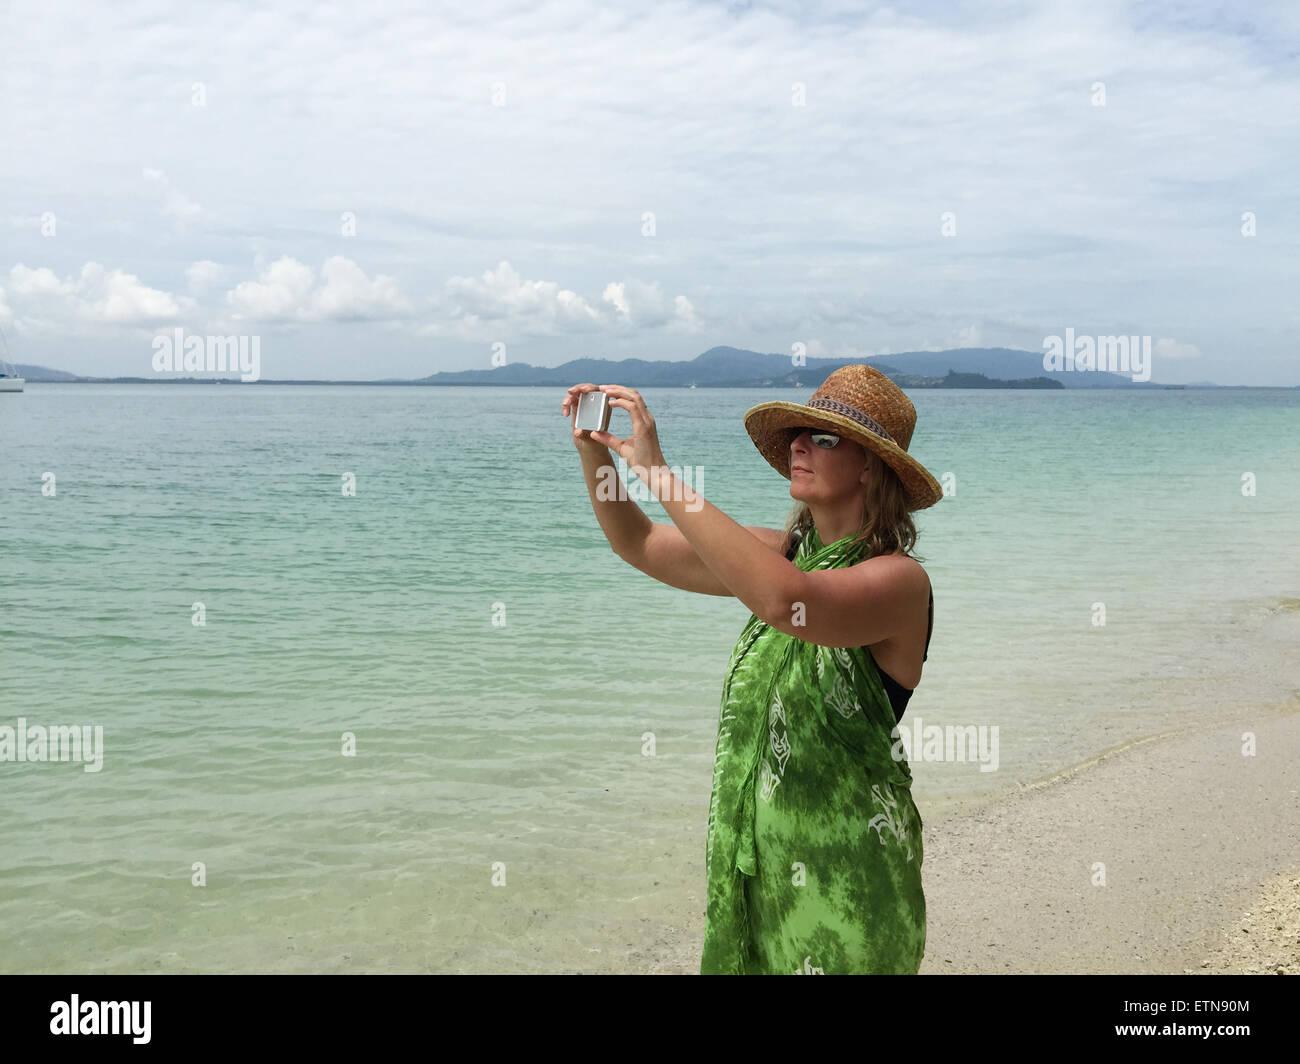 Mujer toma una foto en la playa con un dispositivo móvil Imagen De Stock